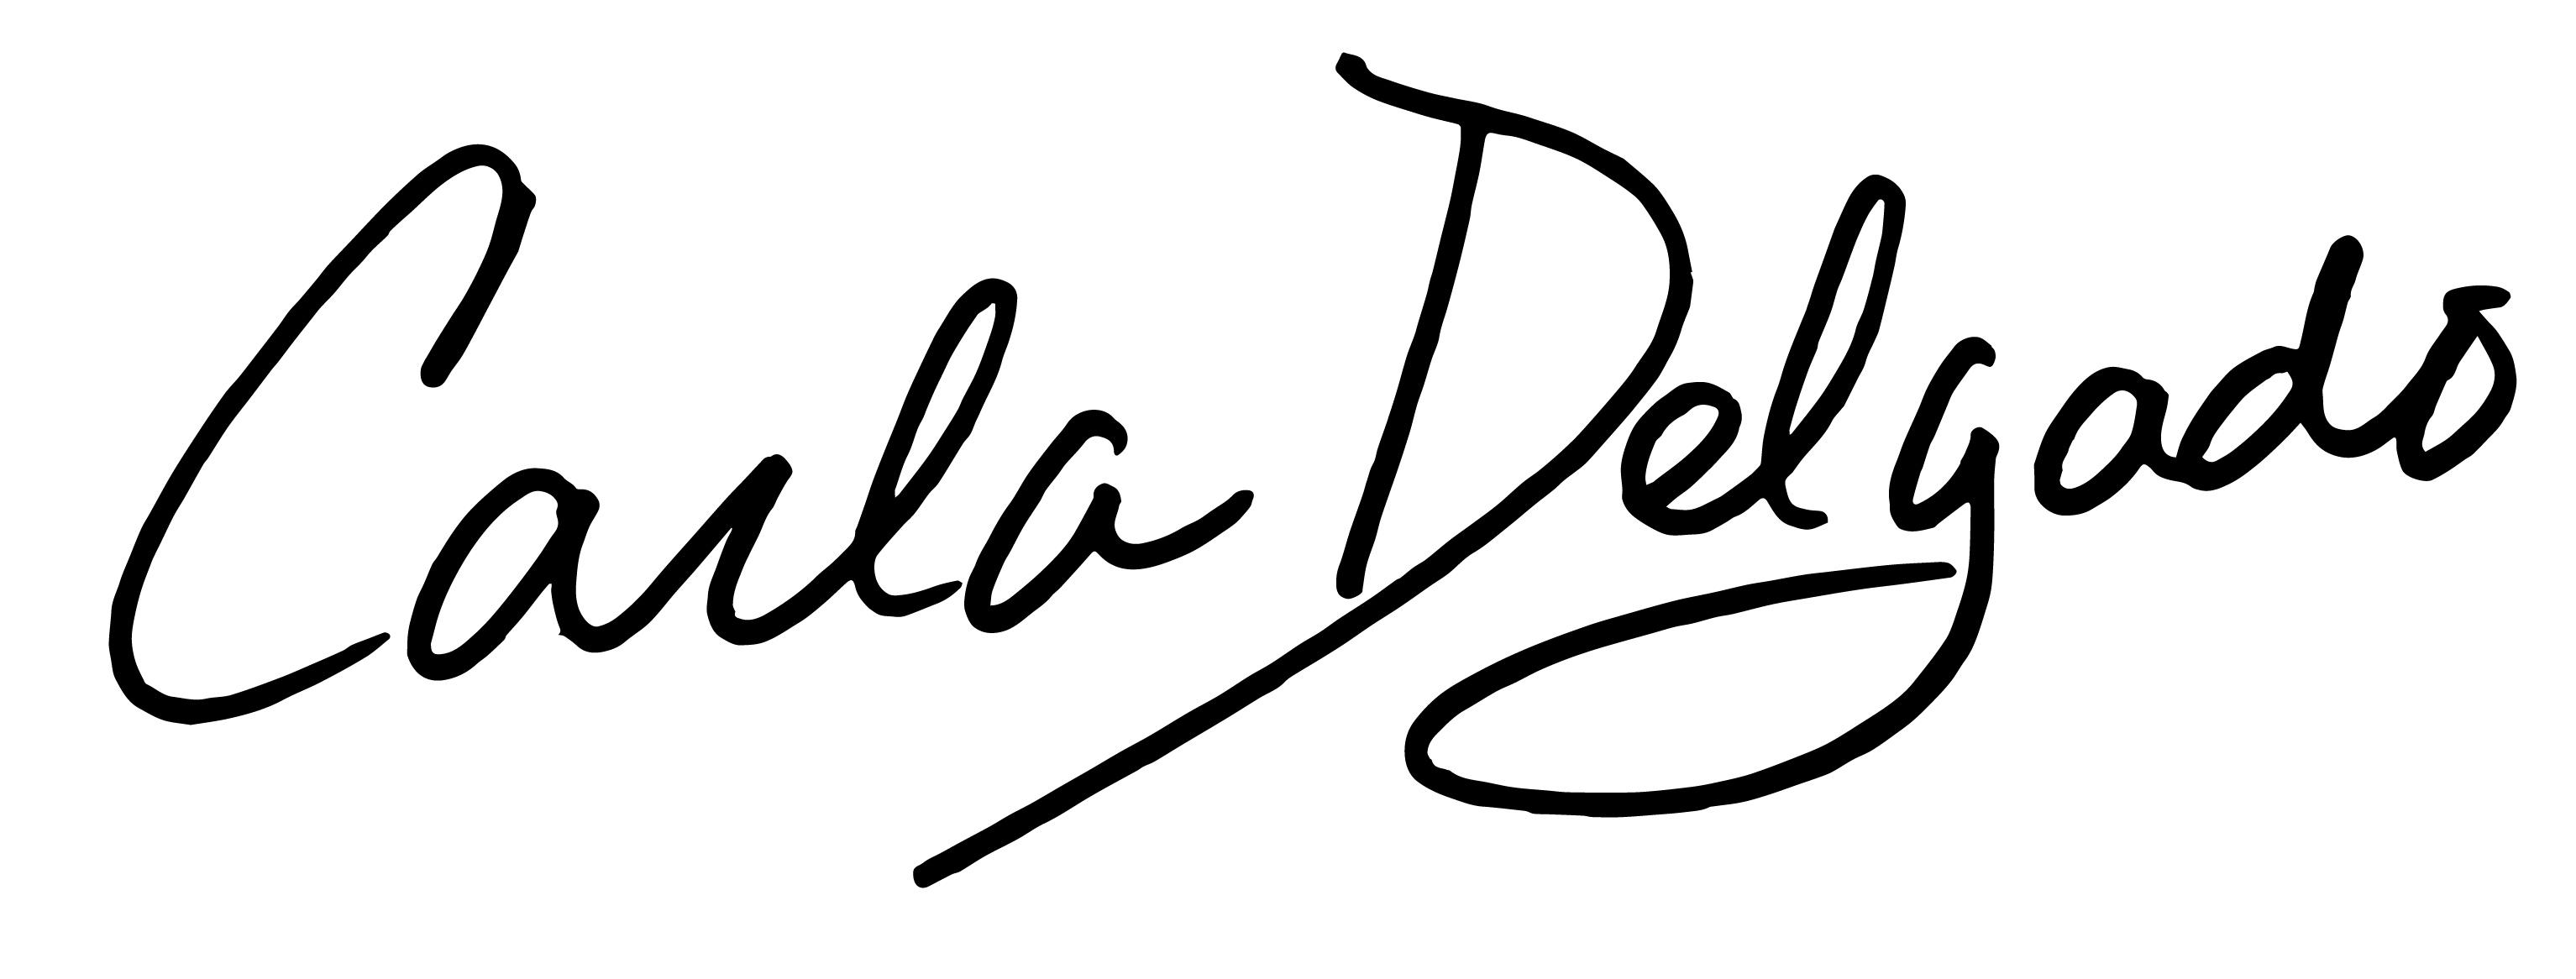 Carla Delgado's Signature